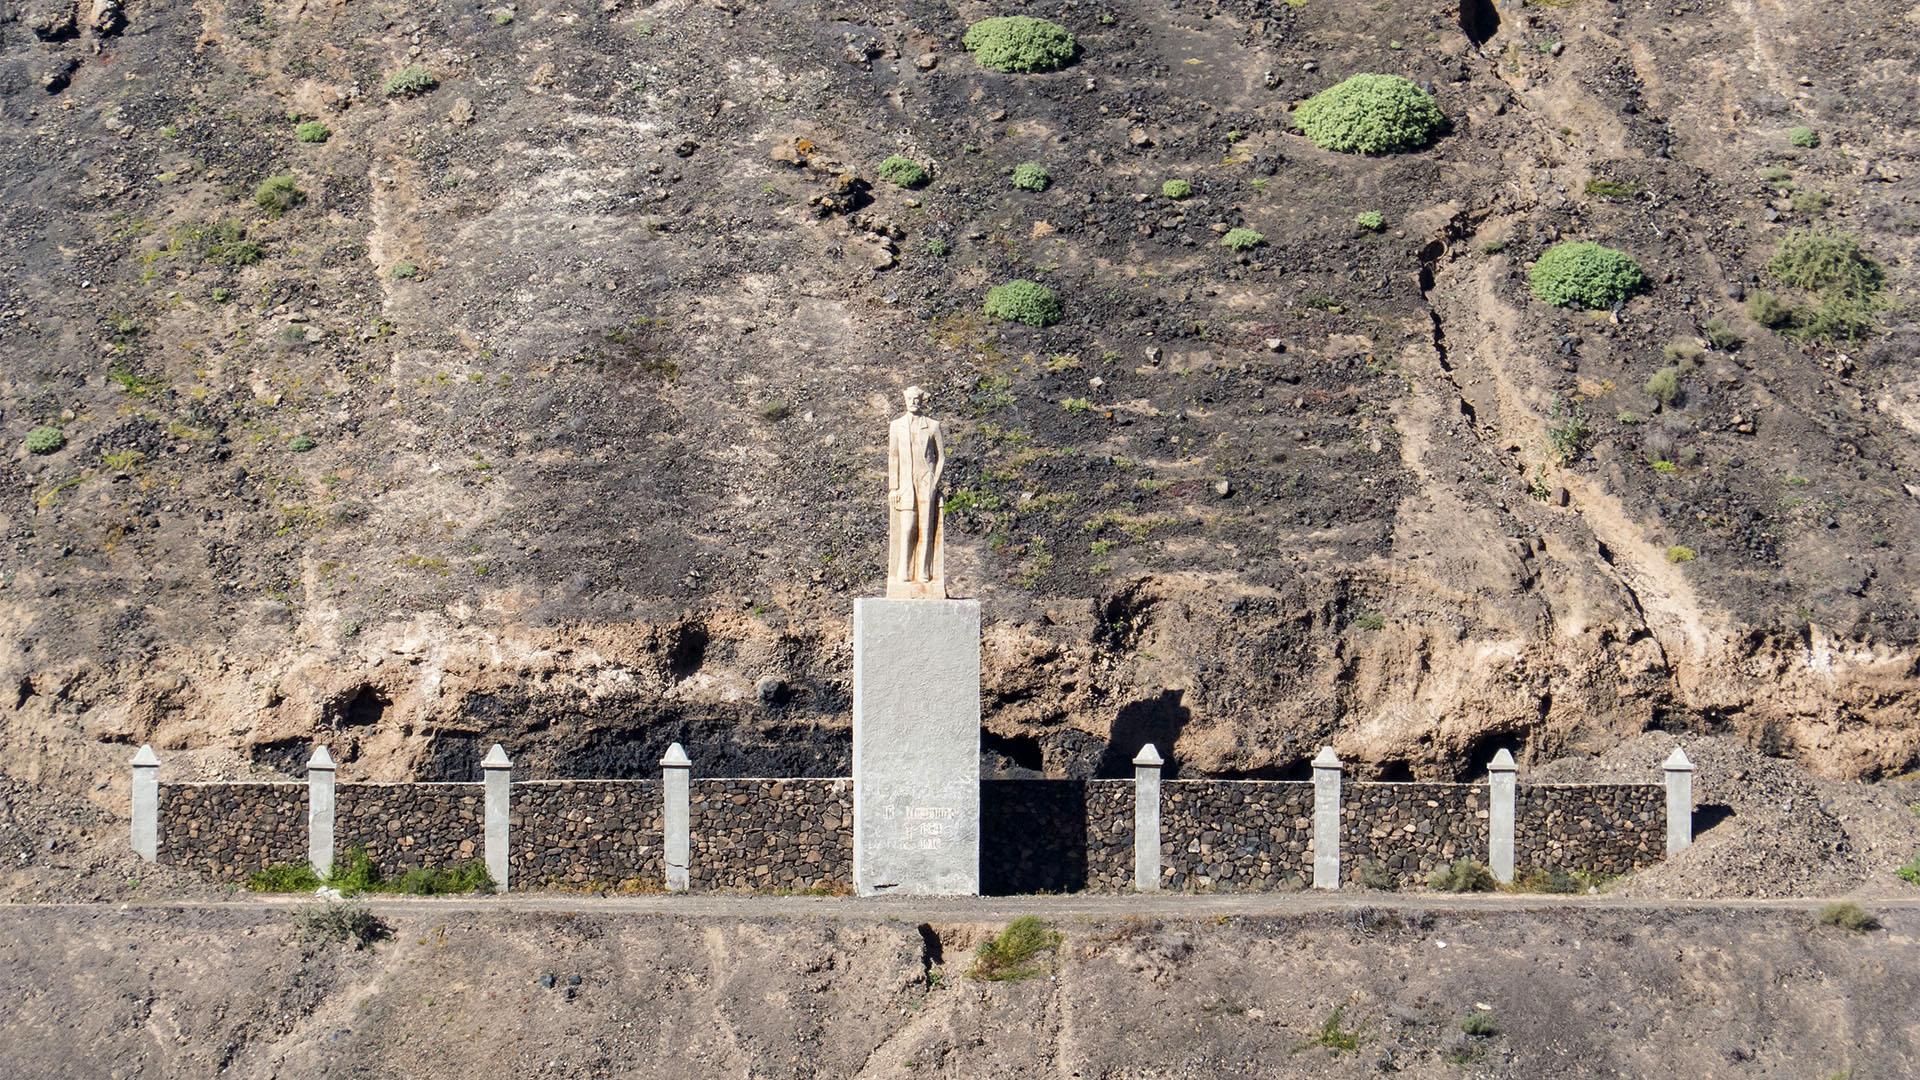 Sehenswürdigkeiten Fuerteventuras: Tindaya – Miguel de Unamuno Denkmal Montaña Quemada